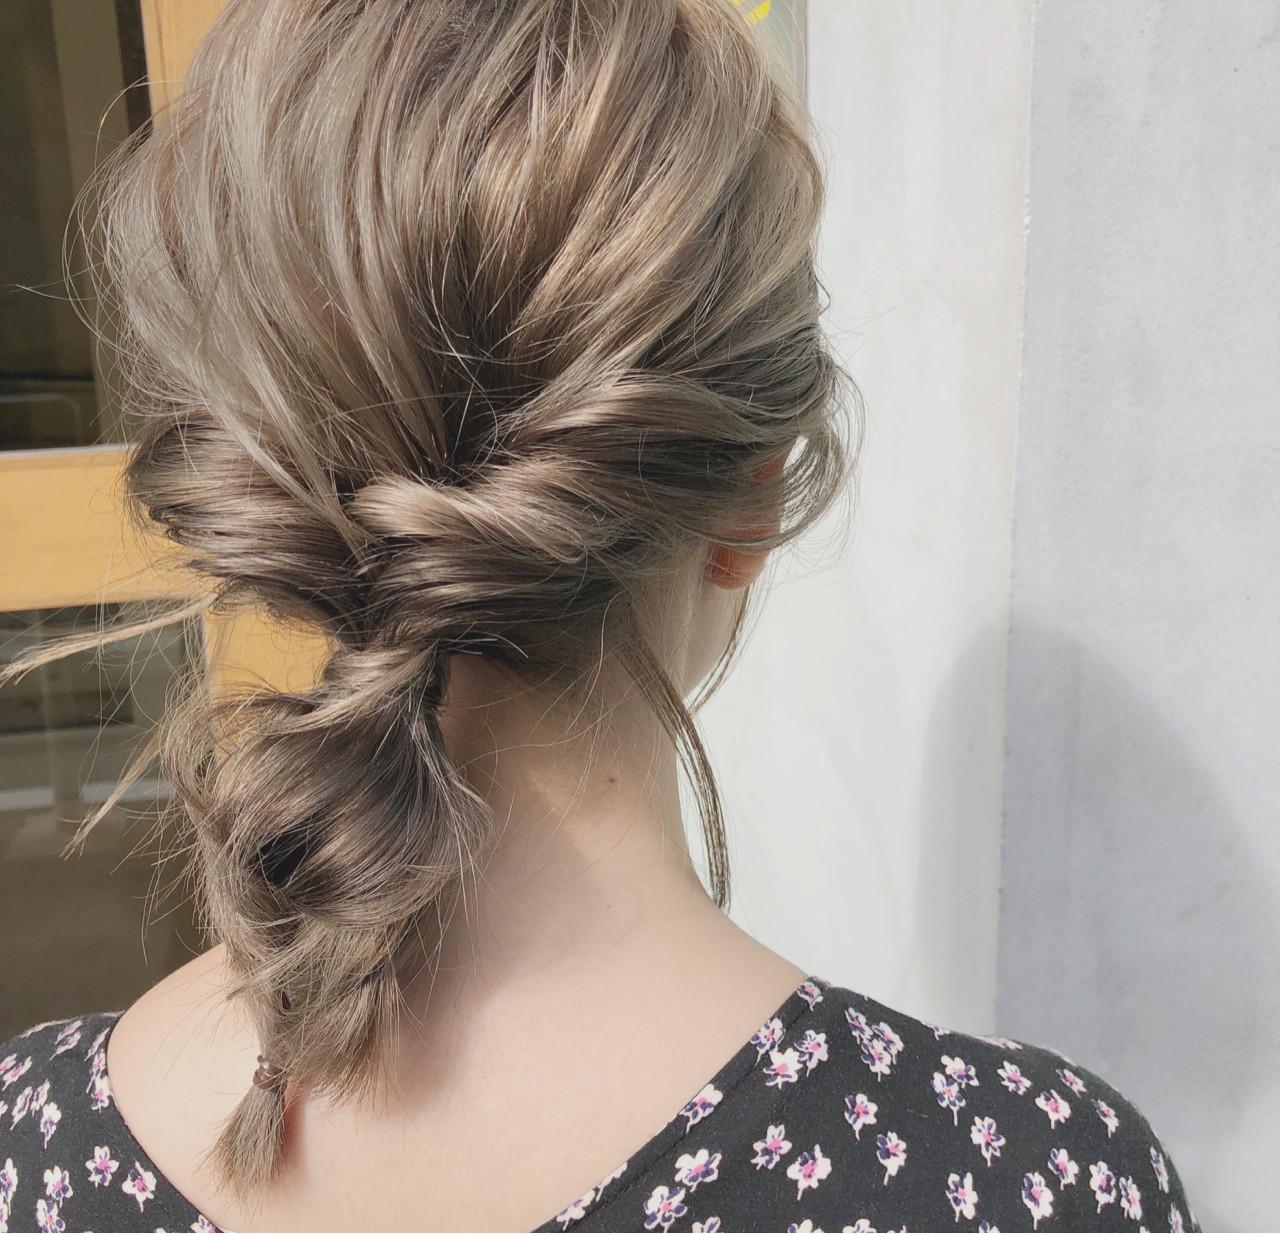 スポーツ ガーリー ミディアム ヘアアレンジ ヘアスタイルや髪型の写真・画像 | 中島 潮里 / whyte / whyte